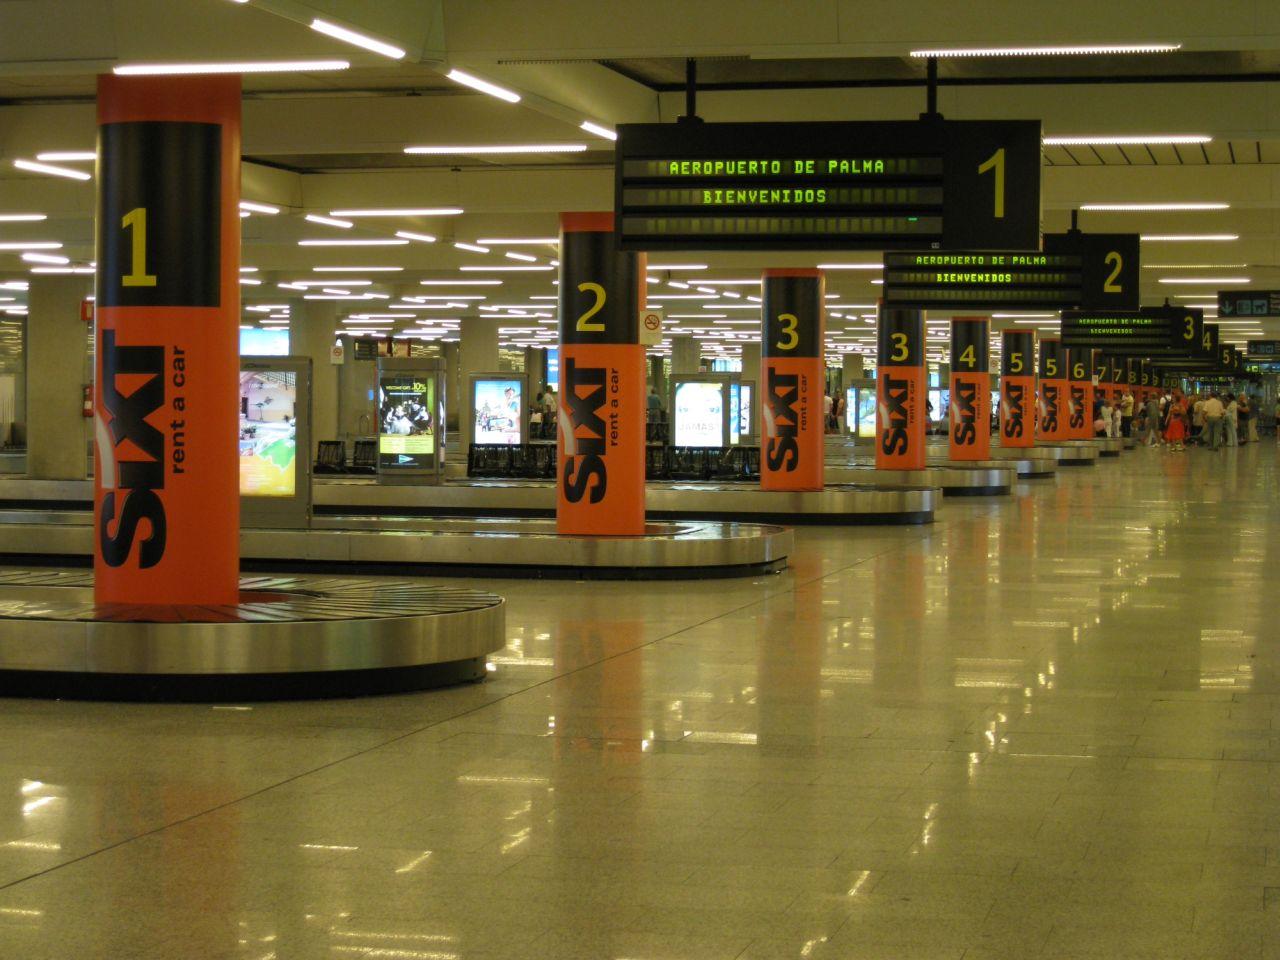 Llegadas de vuelos aeropuerto de palma de mallorca for Alquiler maquinaria mallorca